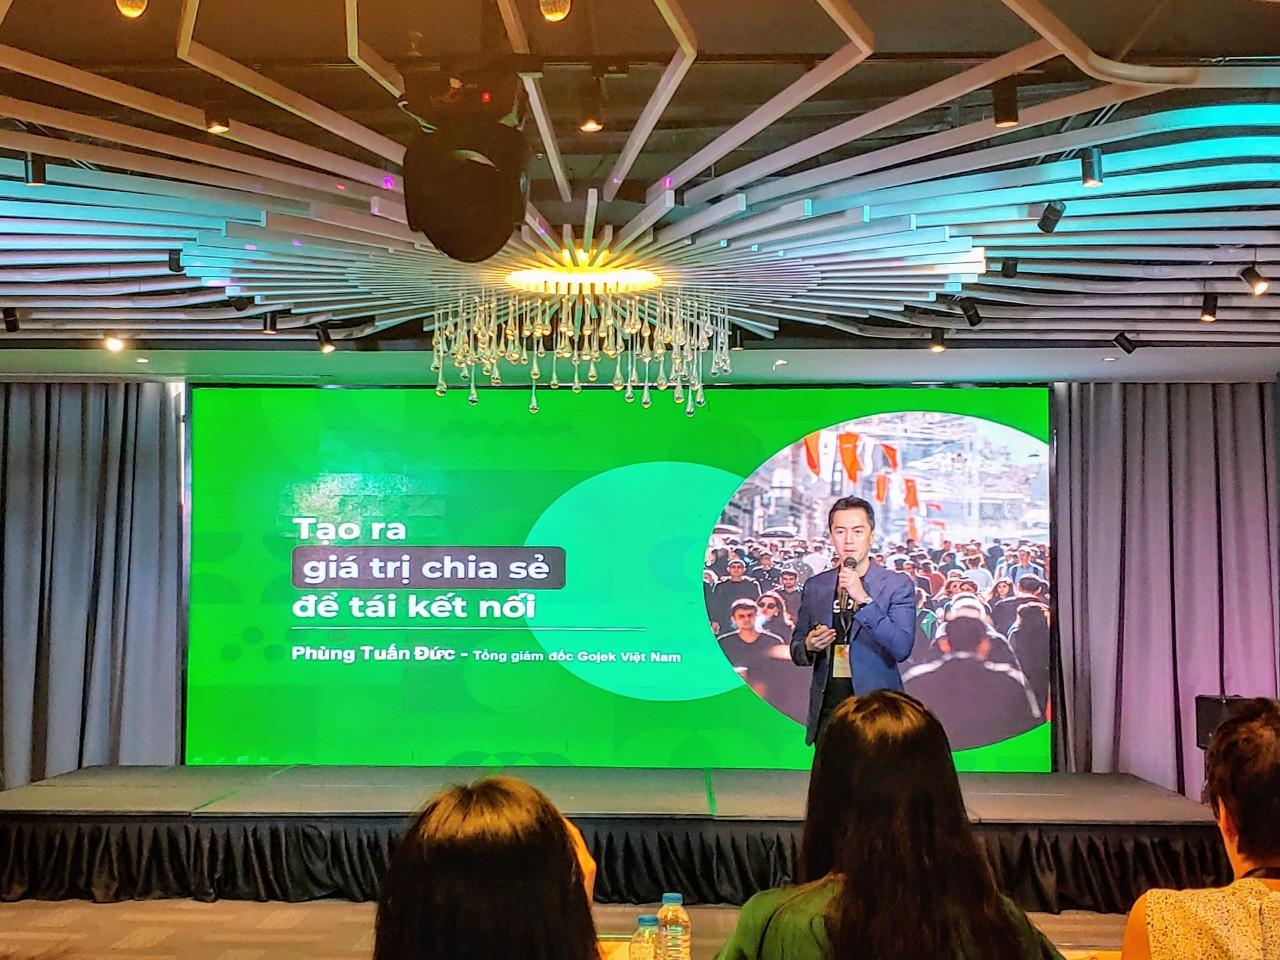 TGĐ Gojek: Mô hình kinh doanh CSV kì vọng là xu thế - Ảnh 1.